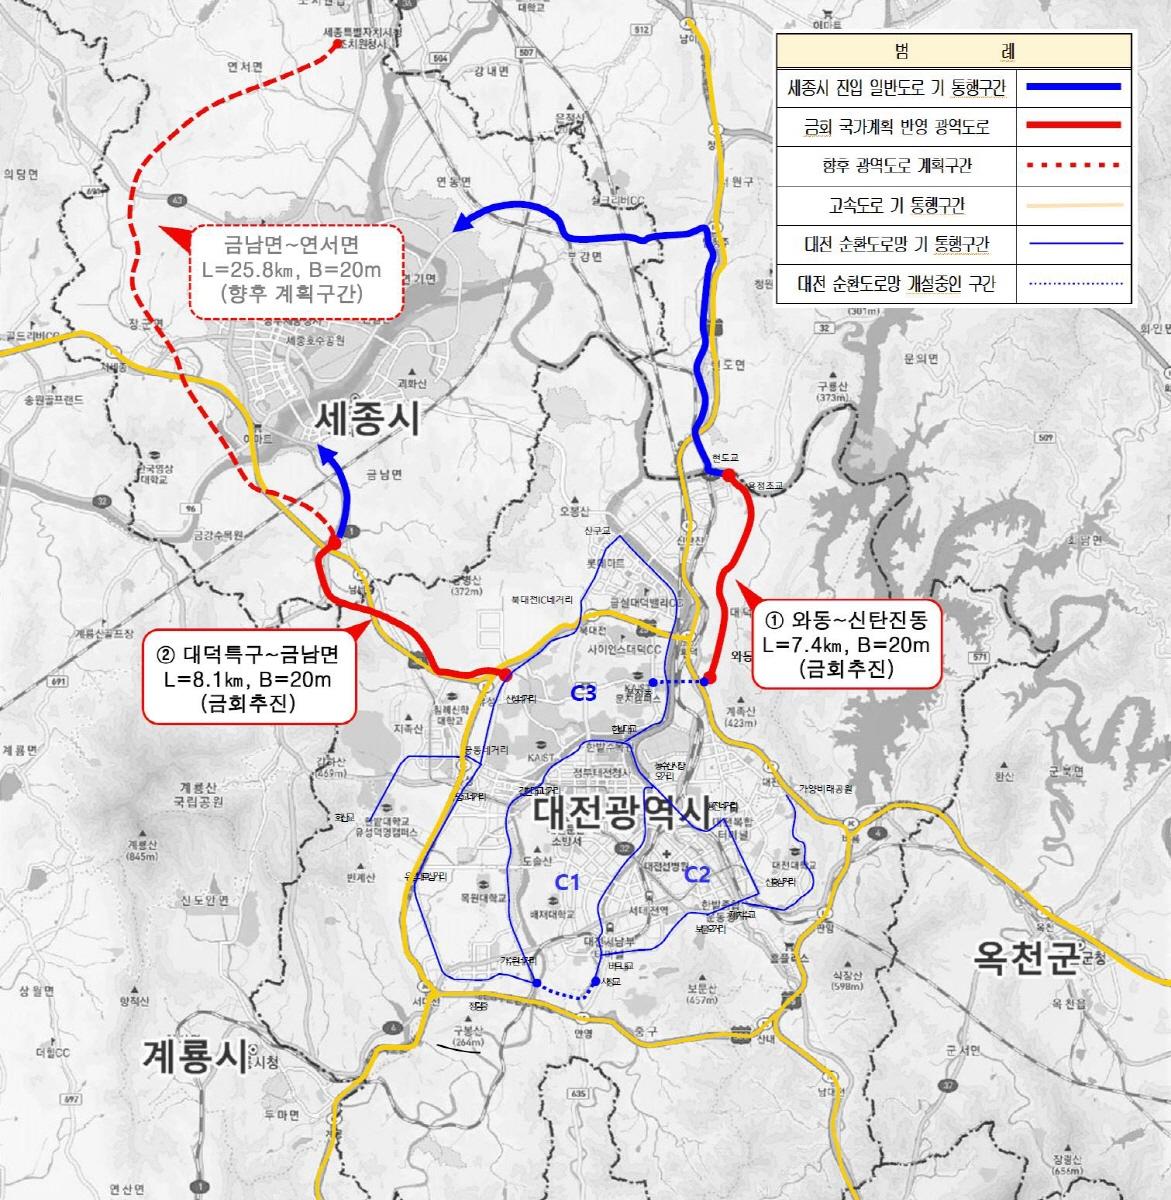 국가계획 반영 광역도로 노선도